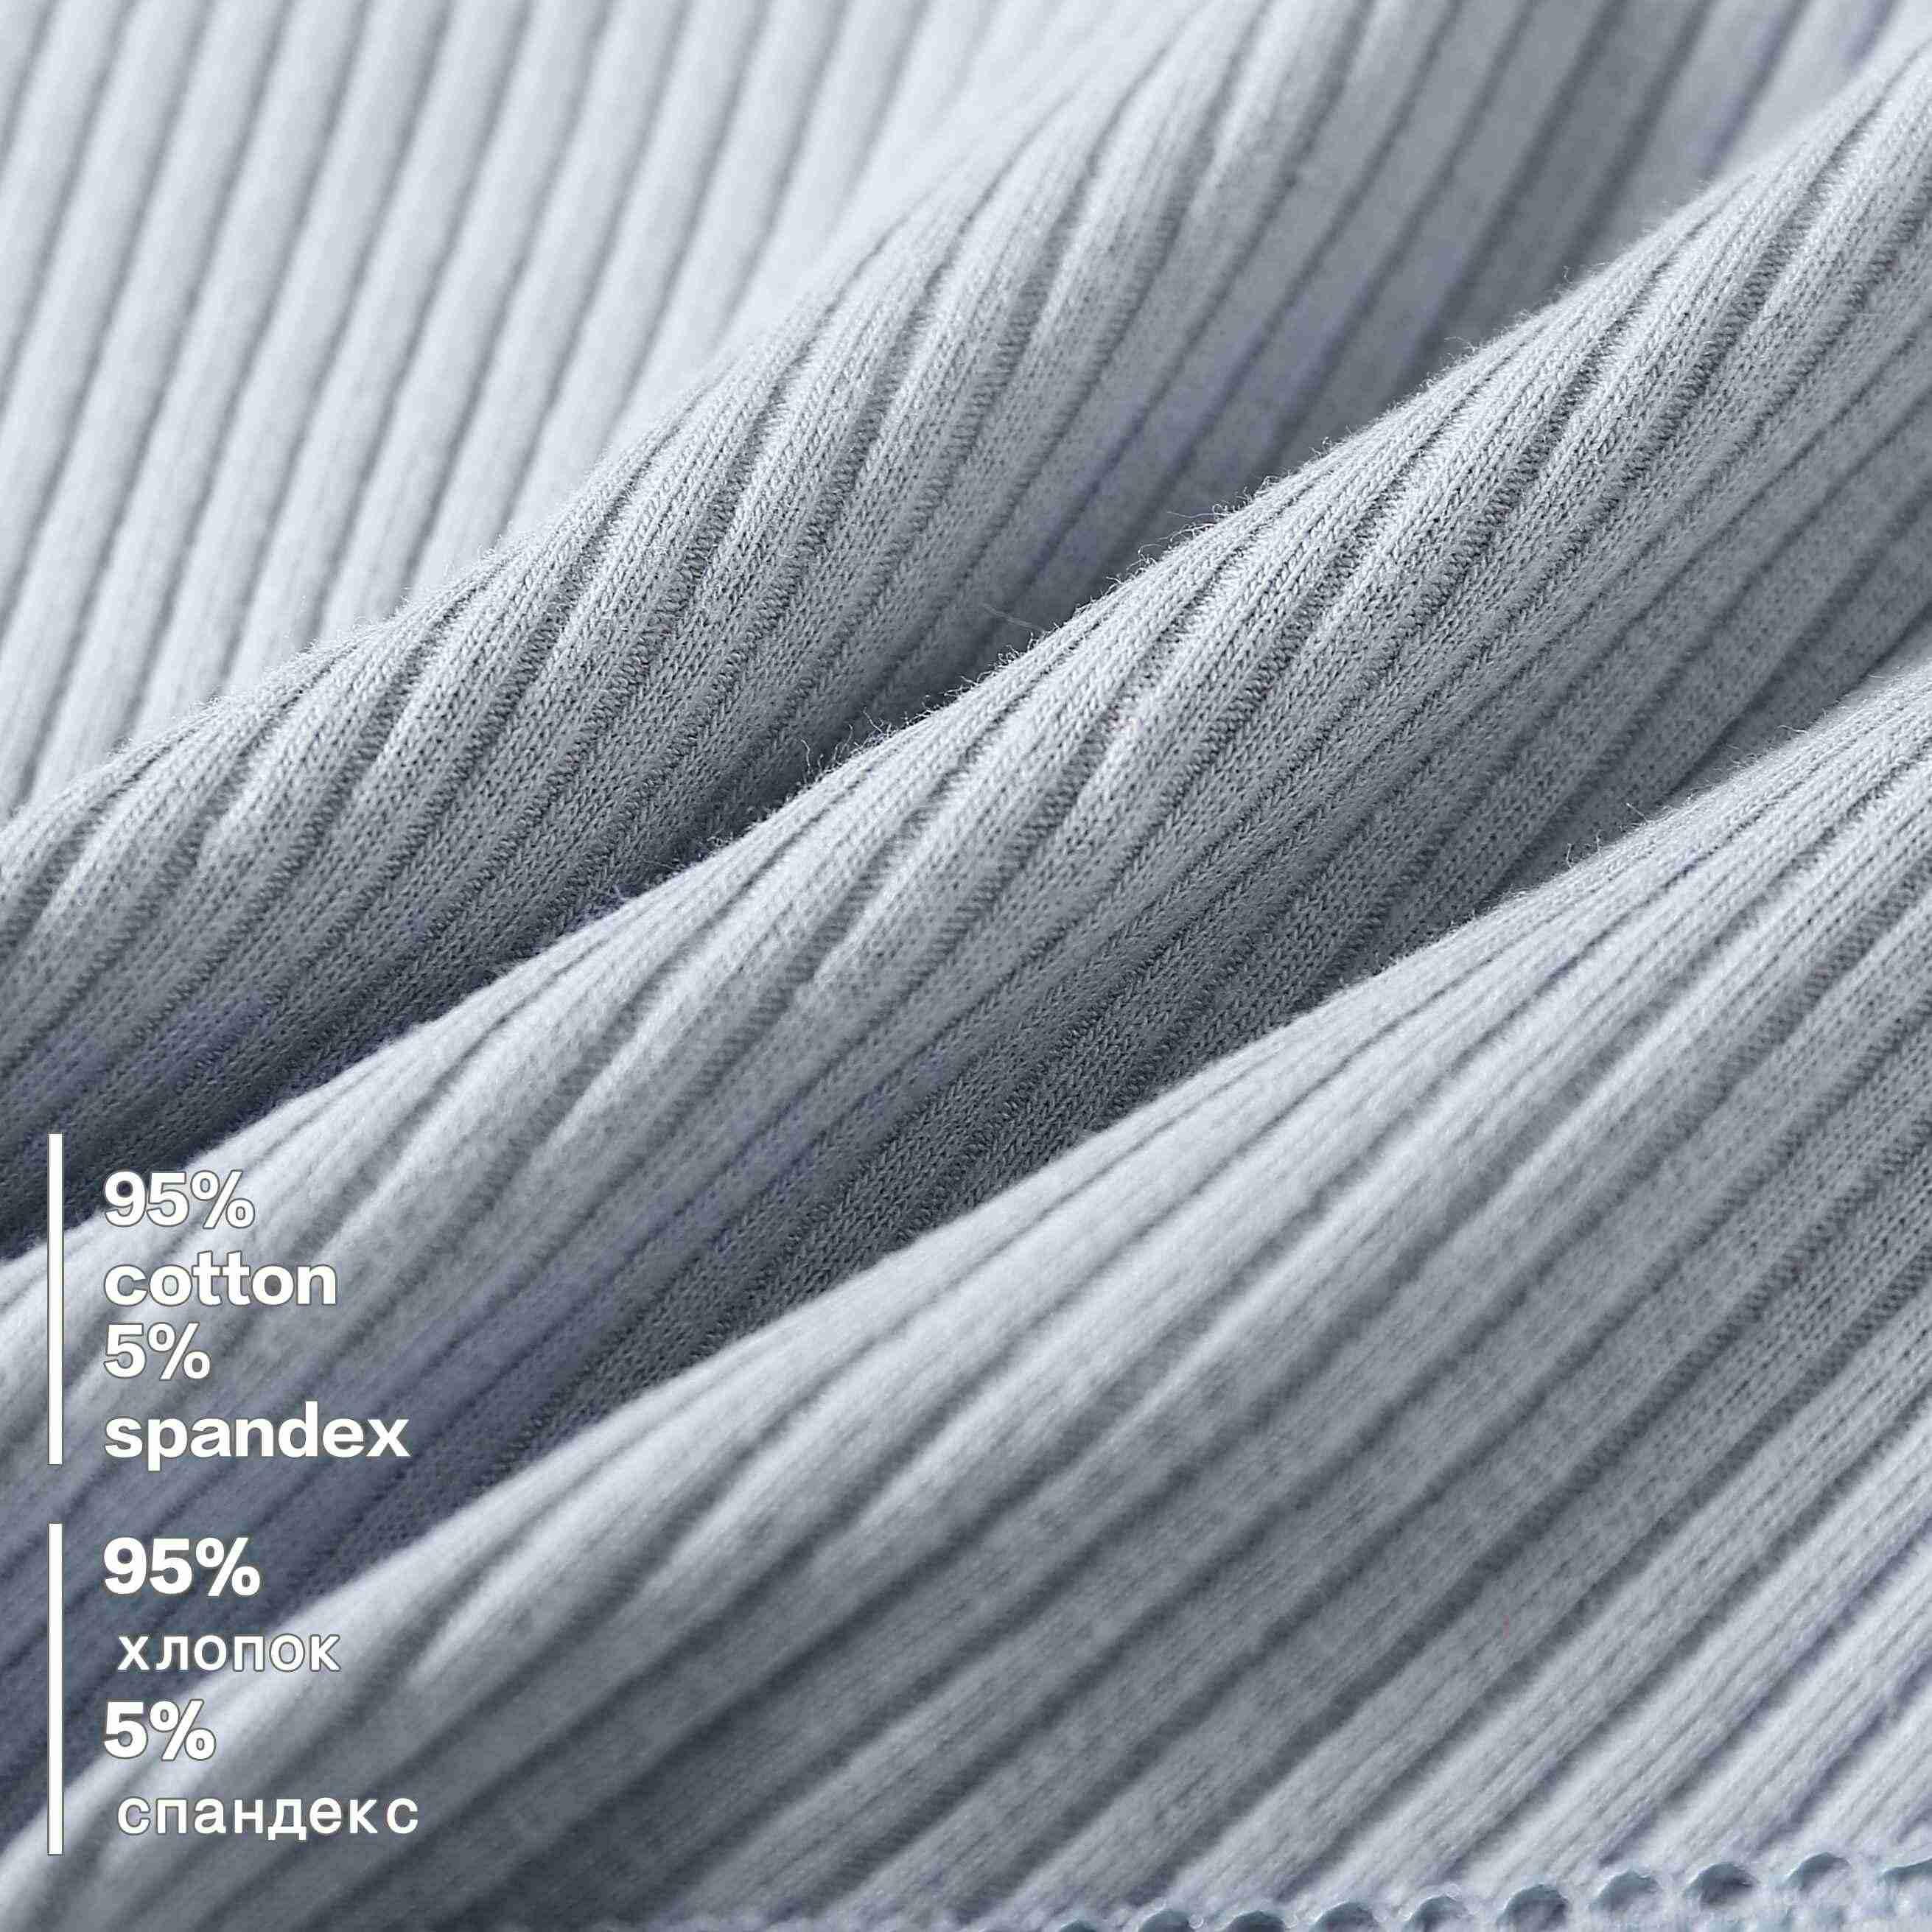 Bragas de algodón 3 unids/lote bragas sólidas para mujer ropa interior cómoda para la piel bragas sexis de tiro bajo íntimas L XL